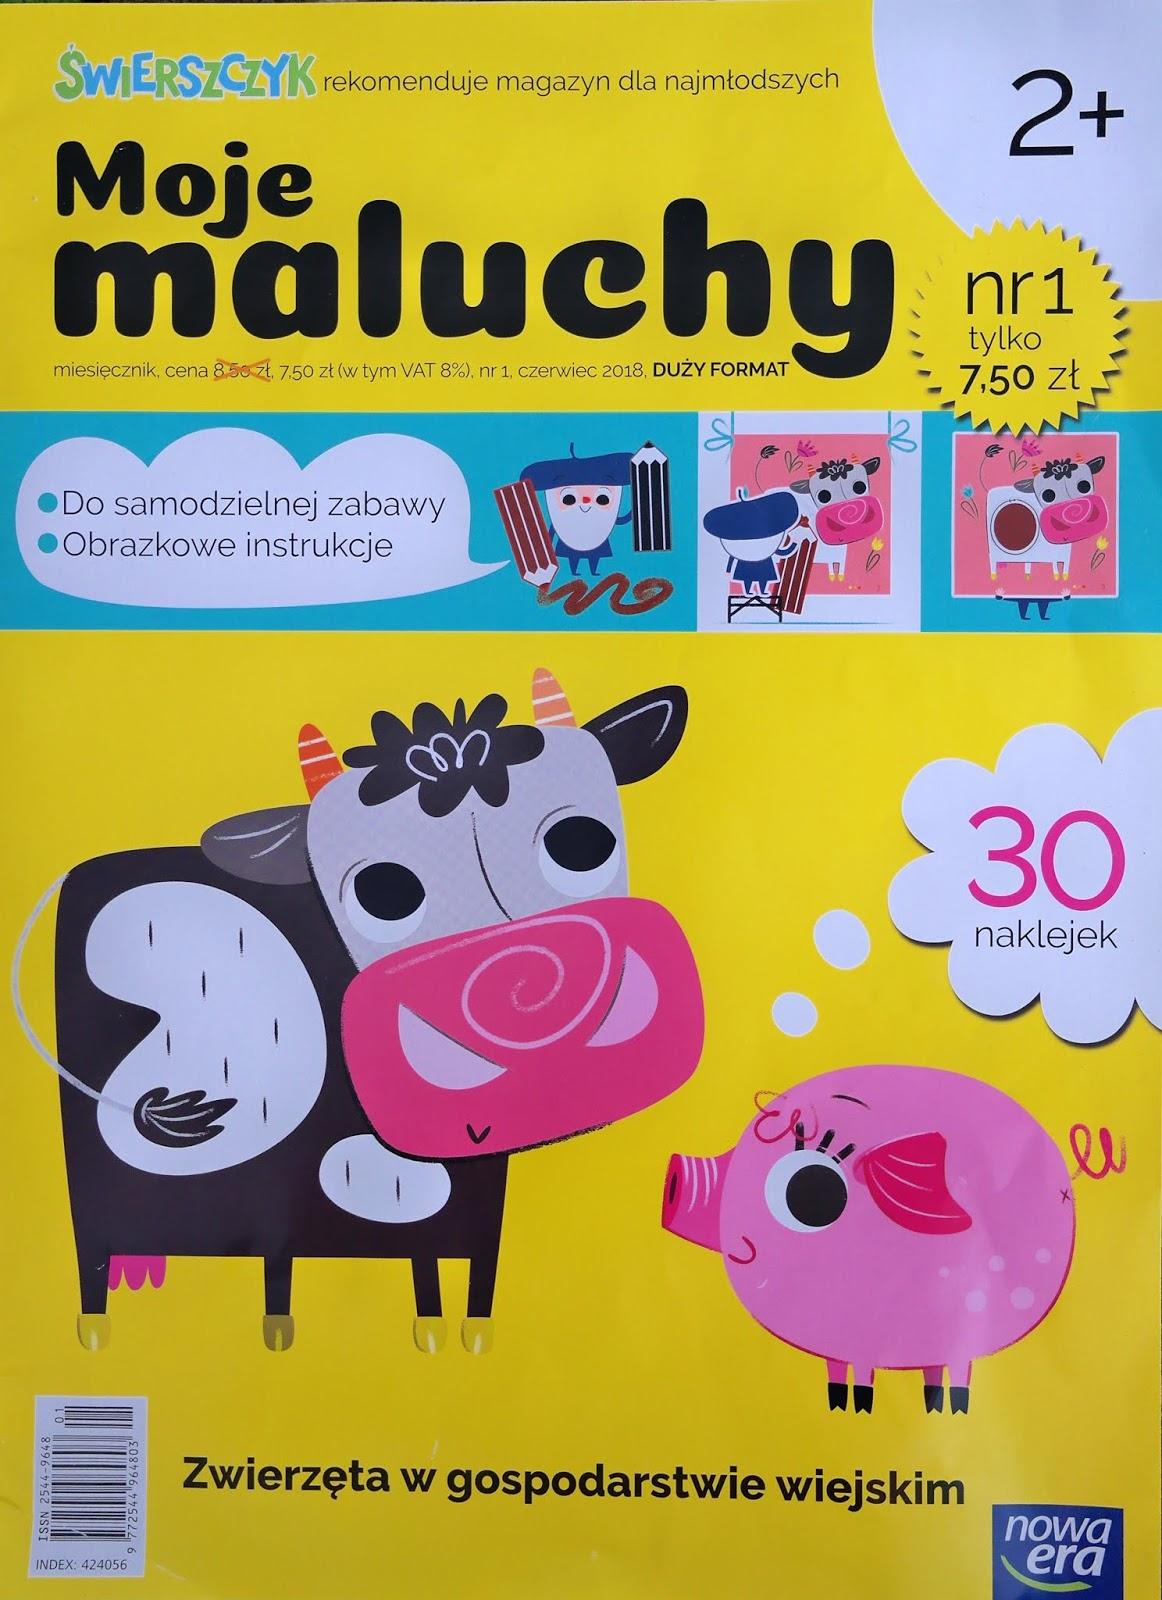 magazyn dla dzieci w dużym formacie